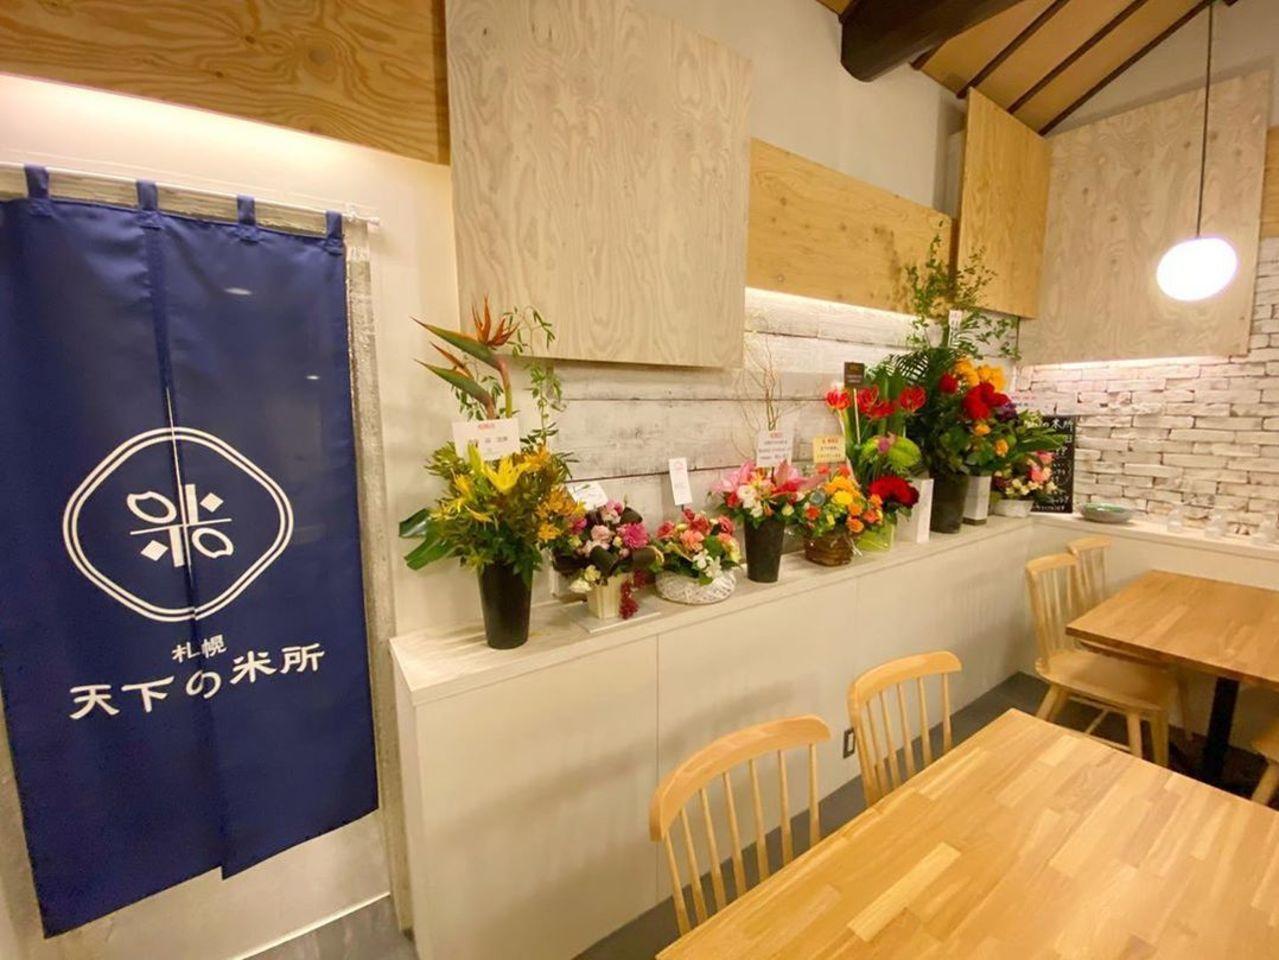 北海道札幌市中央区南2条西4丁目に「札幌天下の米所」が昨日グランドオープンされたようです。